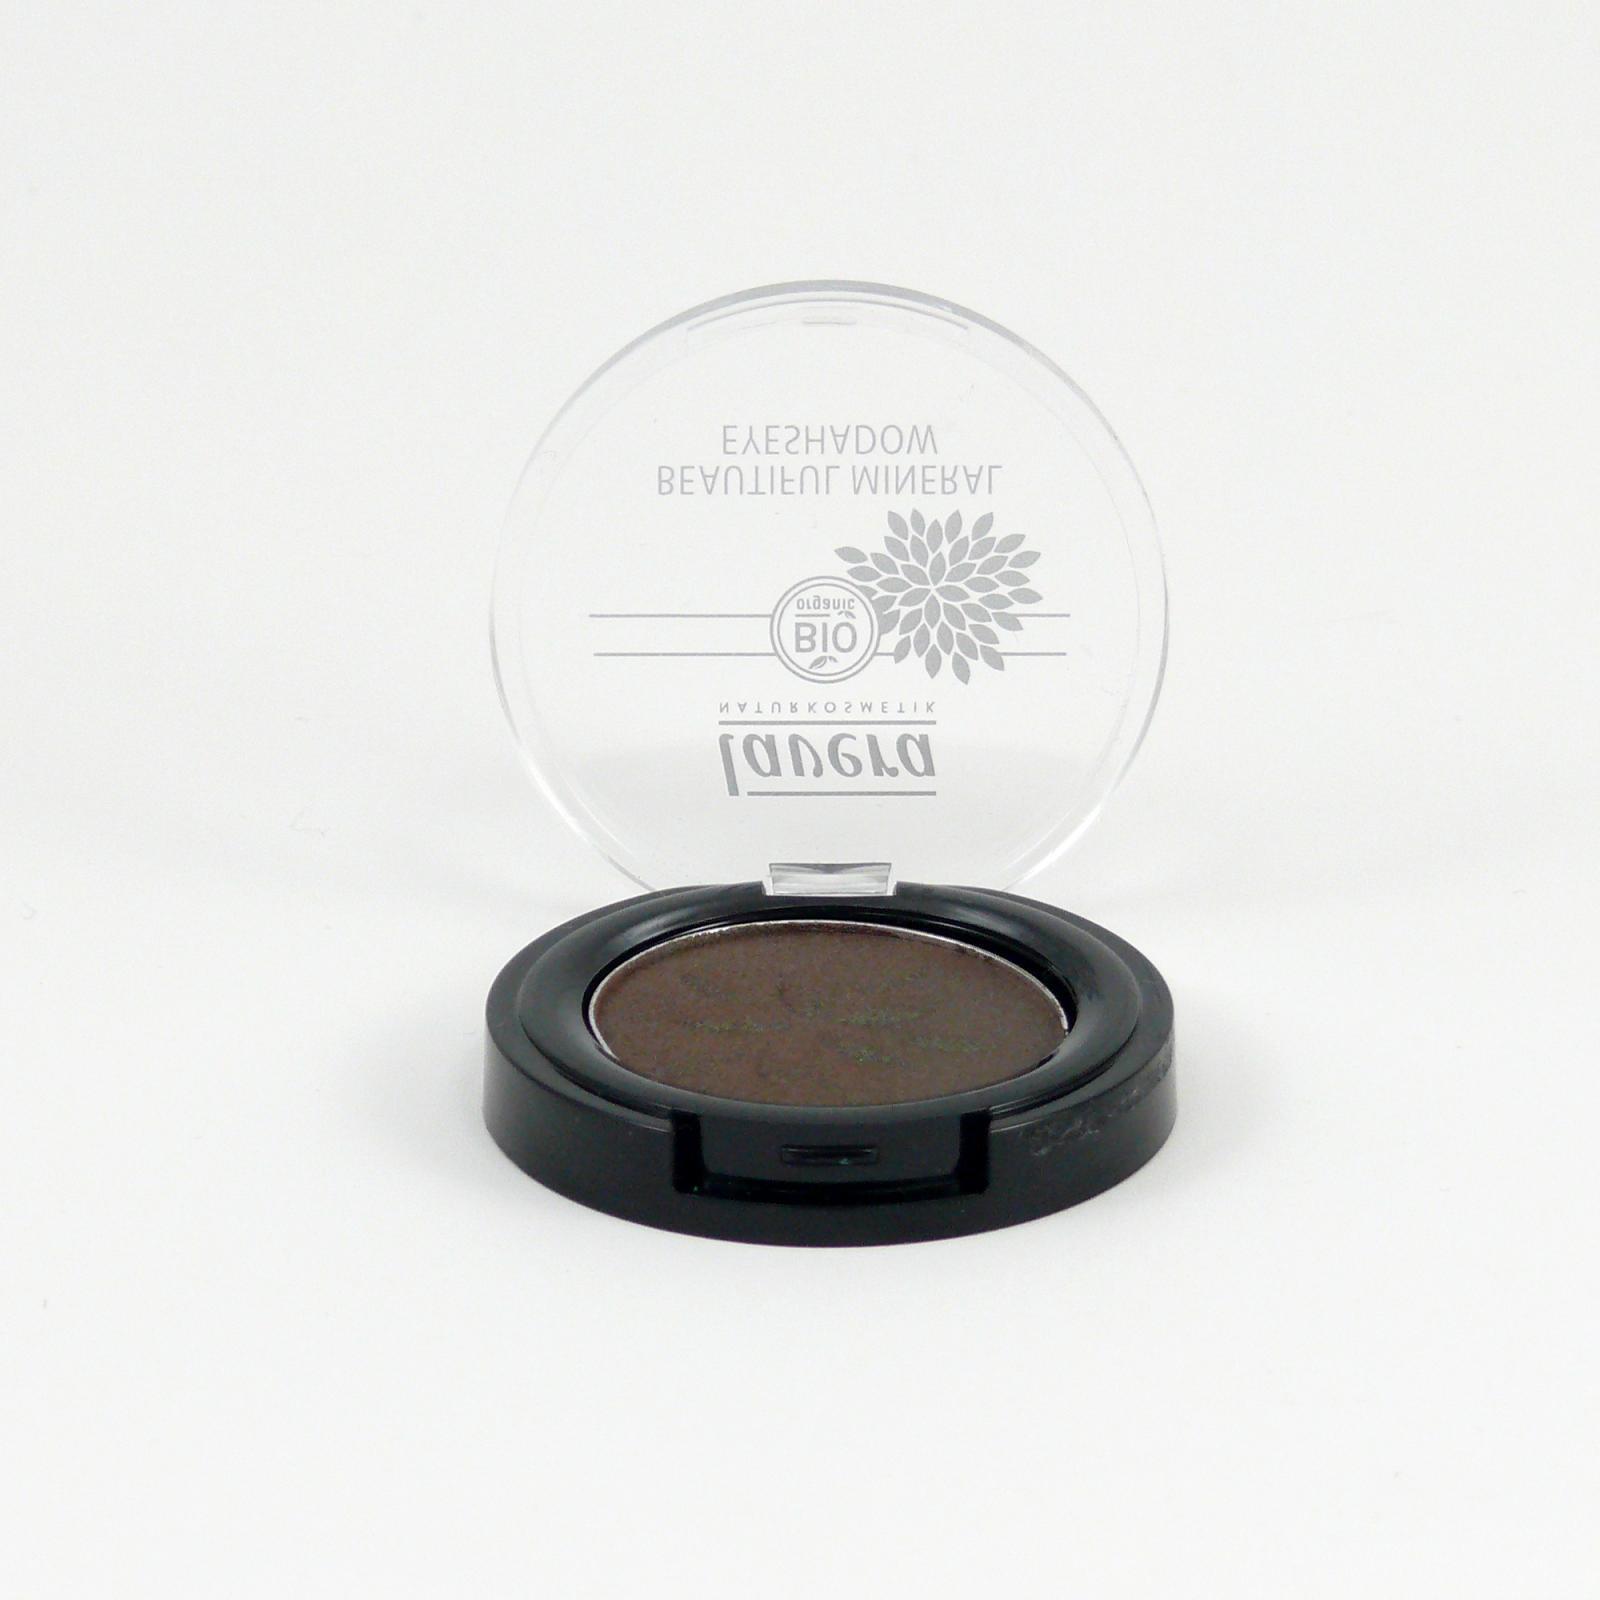 Lavera Oční stíny MONO 05 čokoládová hnědá, Trend Sensitive 2014 2 g